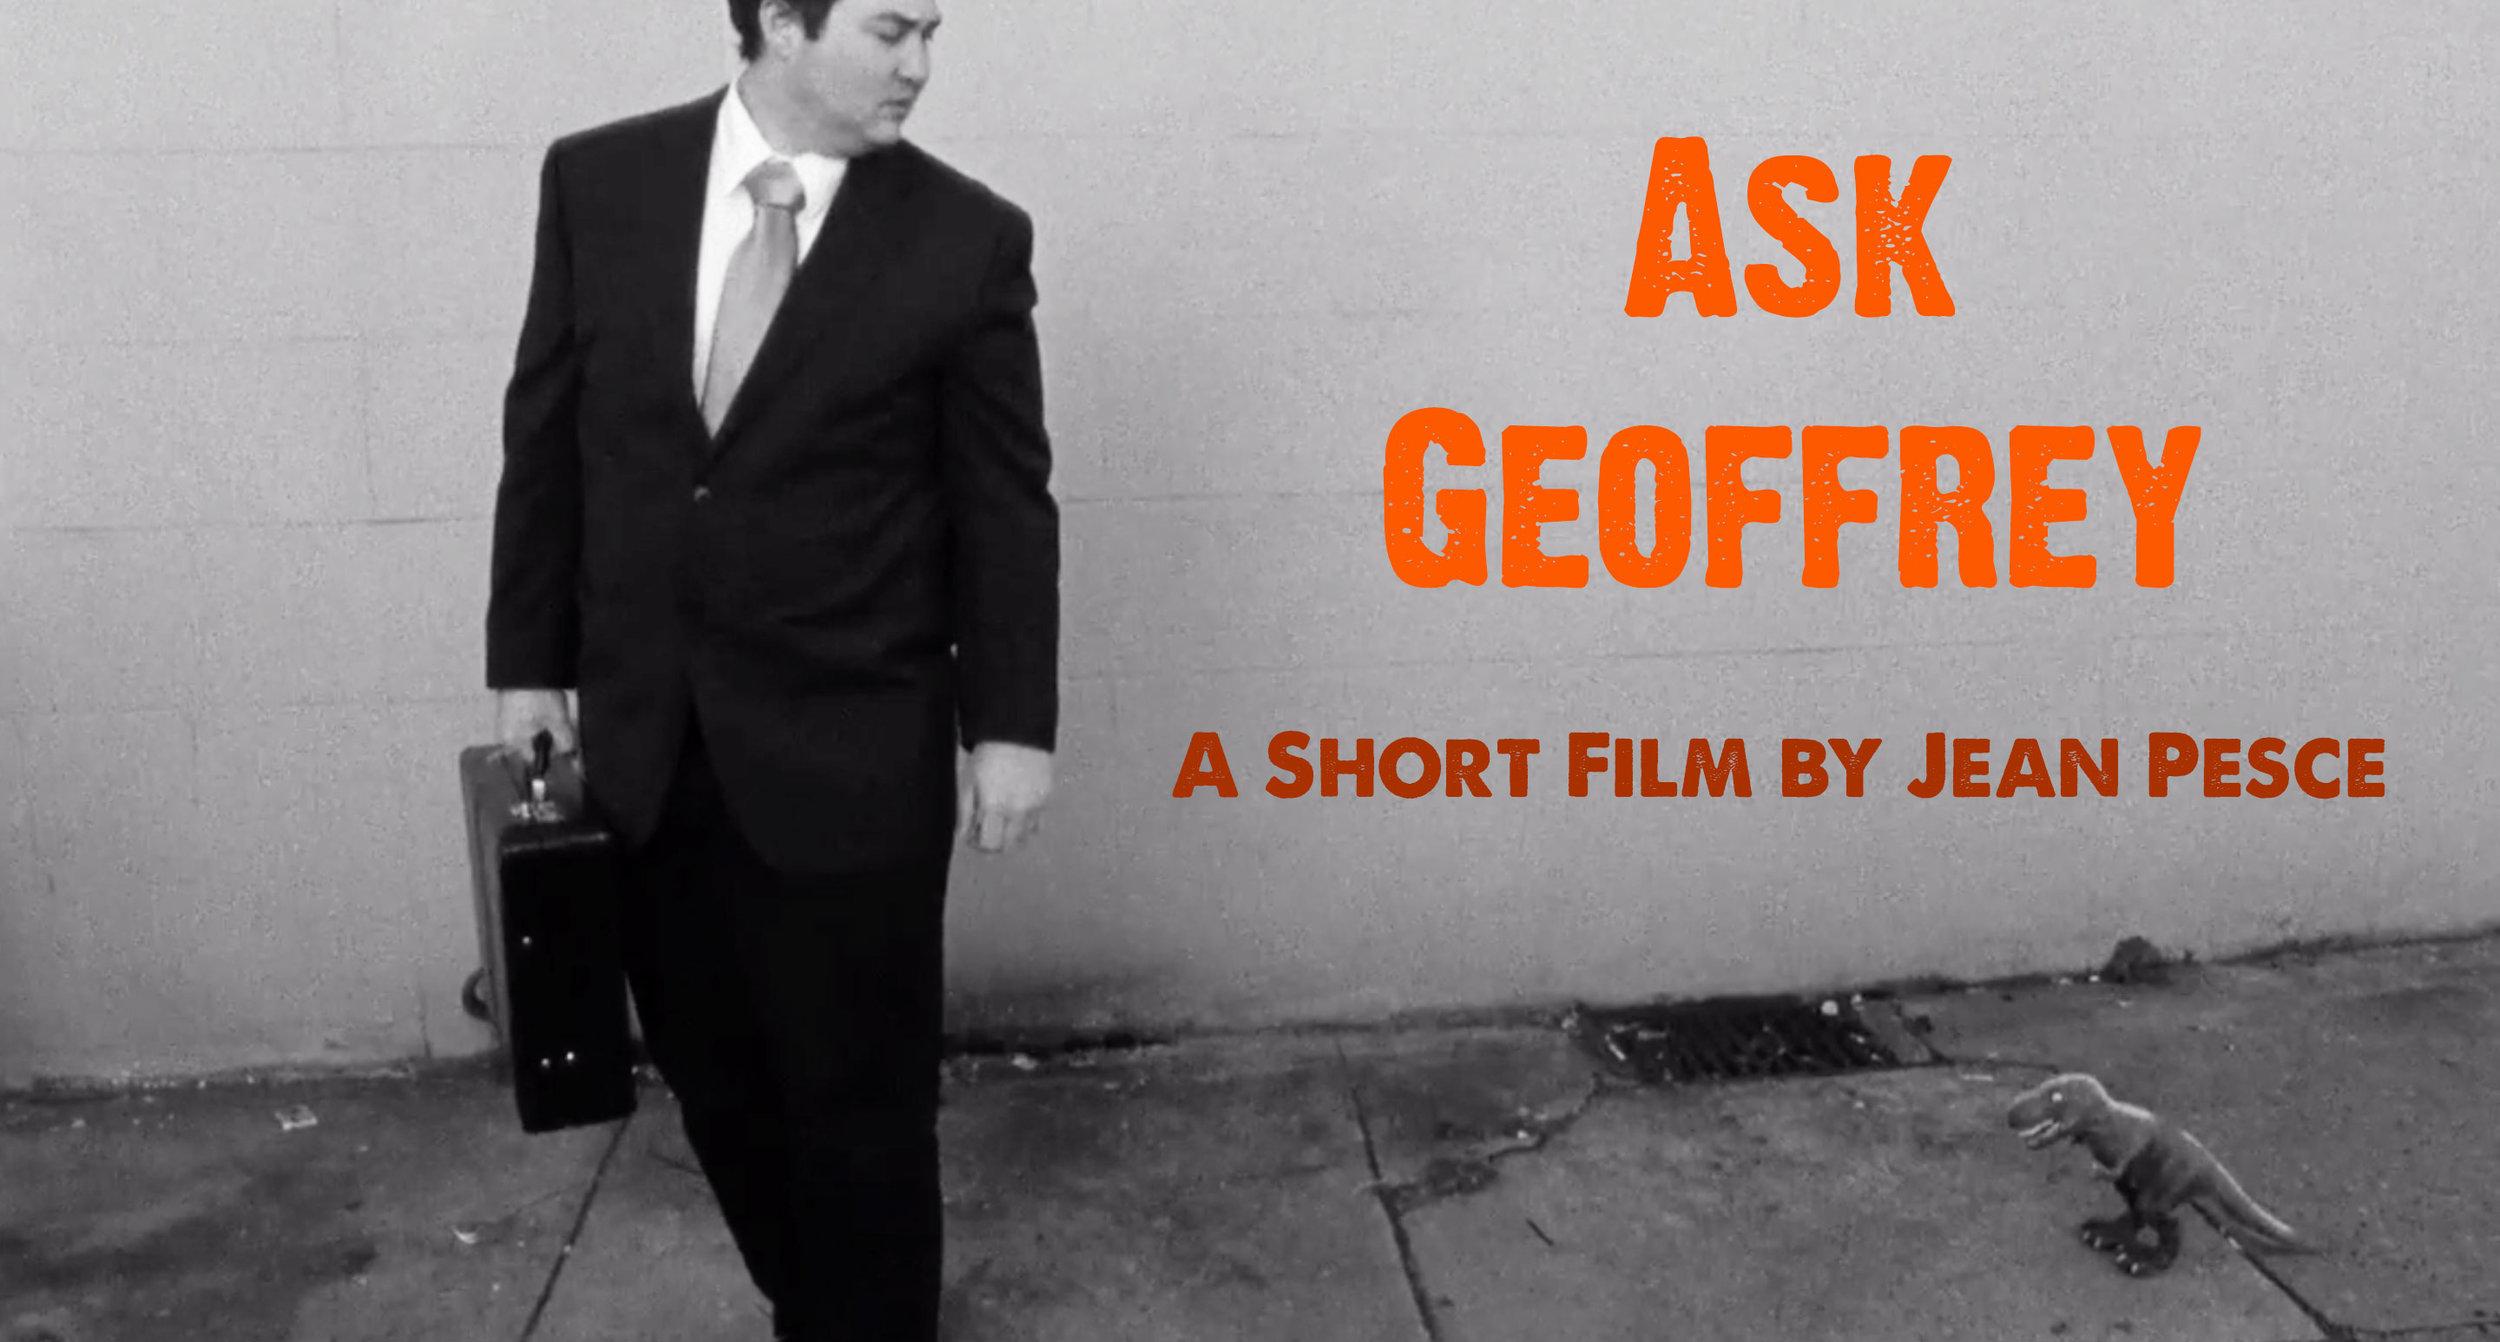 Ask Geoffrey